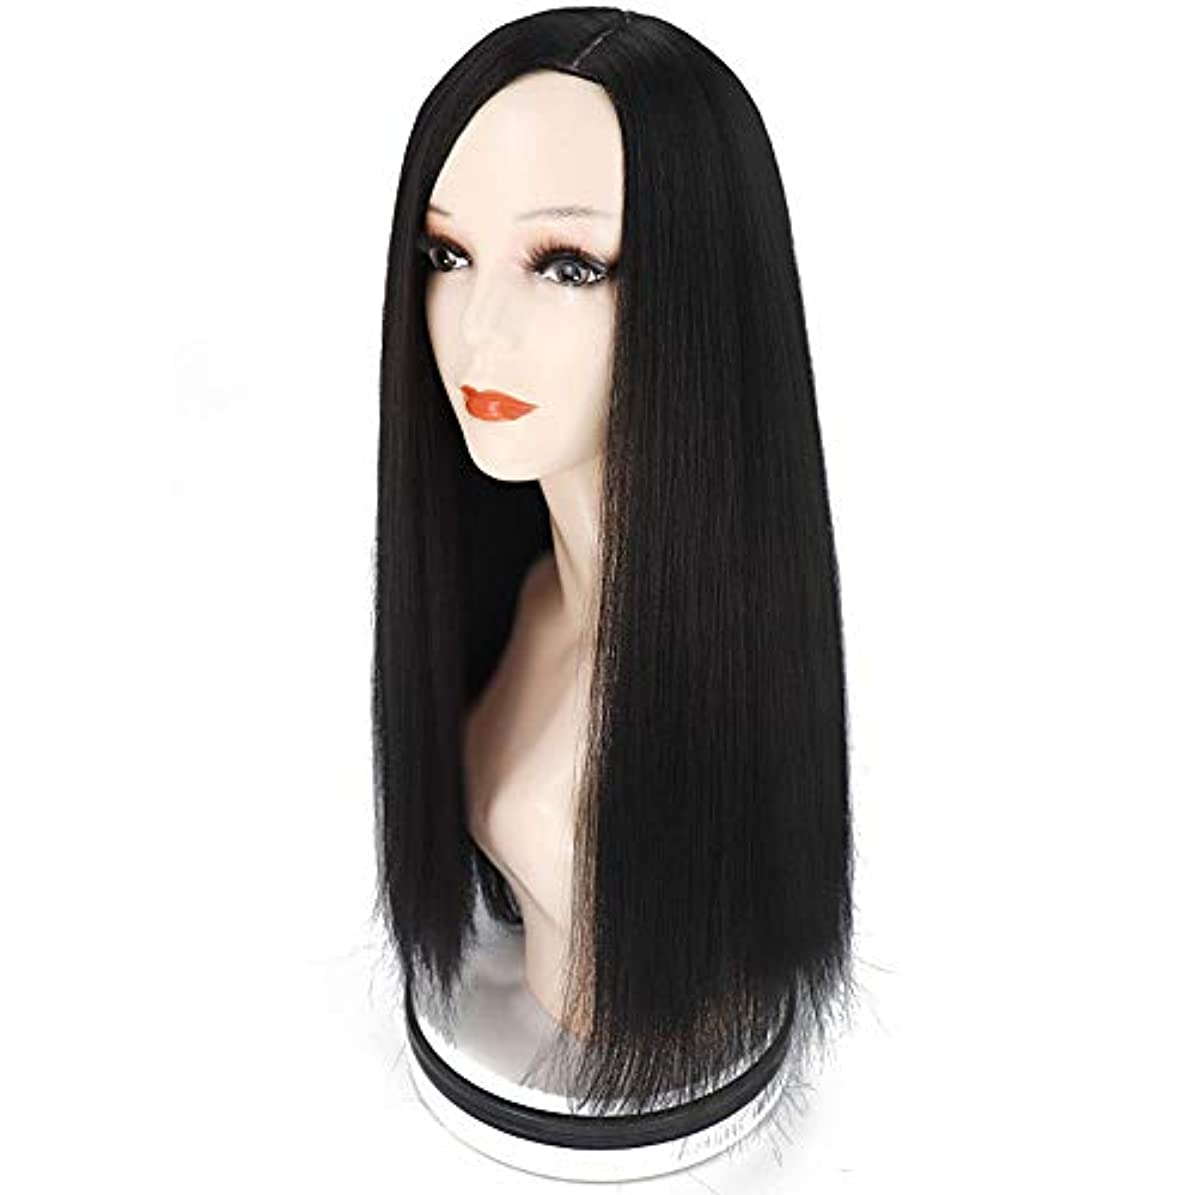 動的解読する突っ込むヘアエクステンションストレート人工毛ウィッグロングウィッグ26